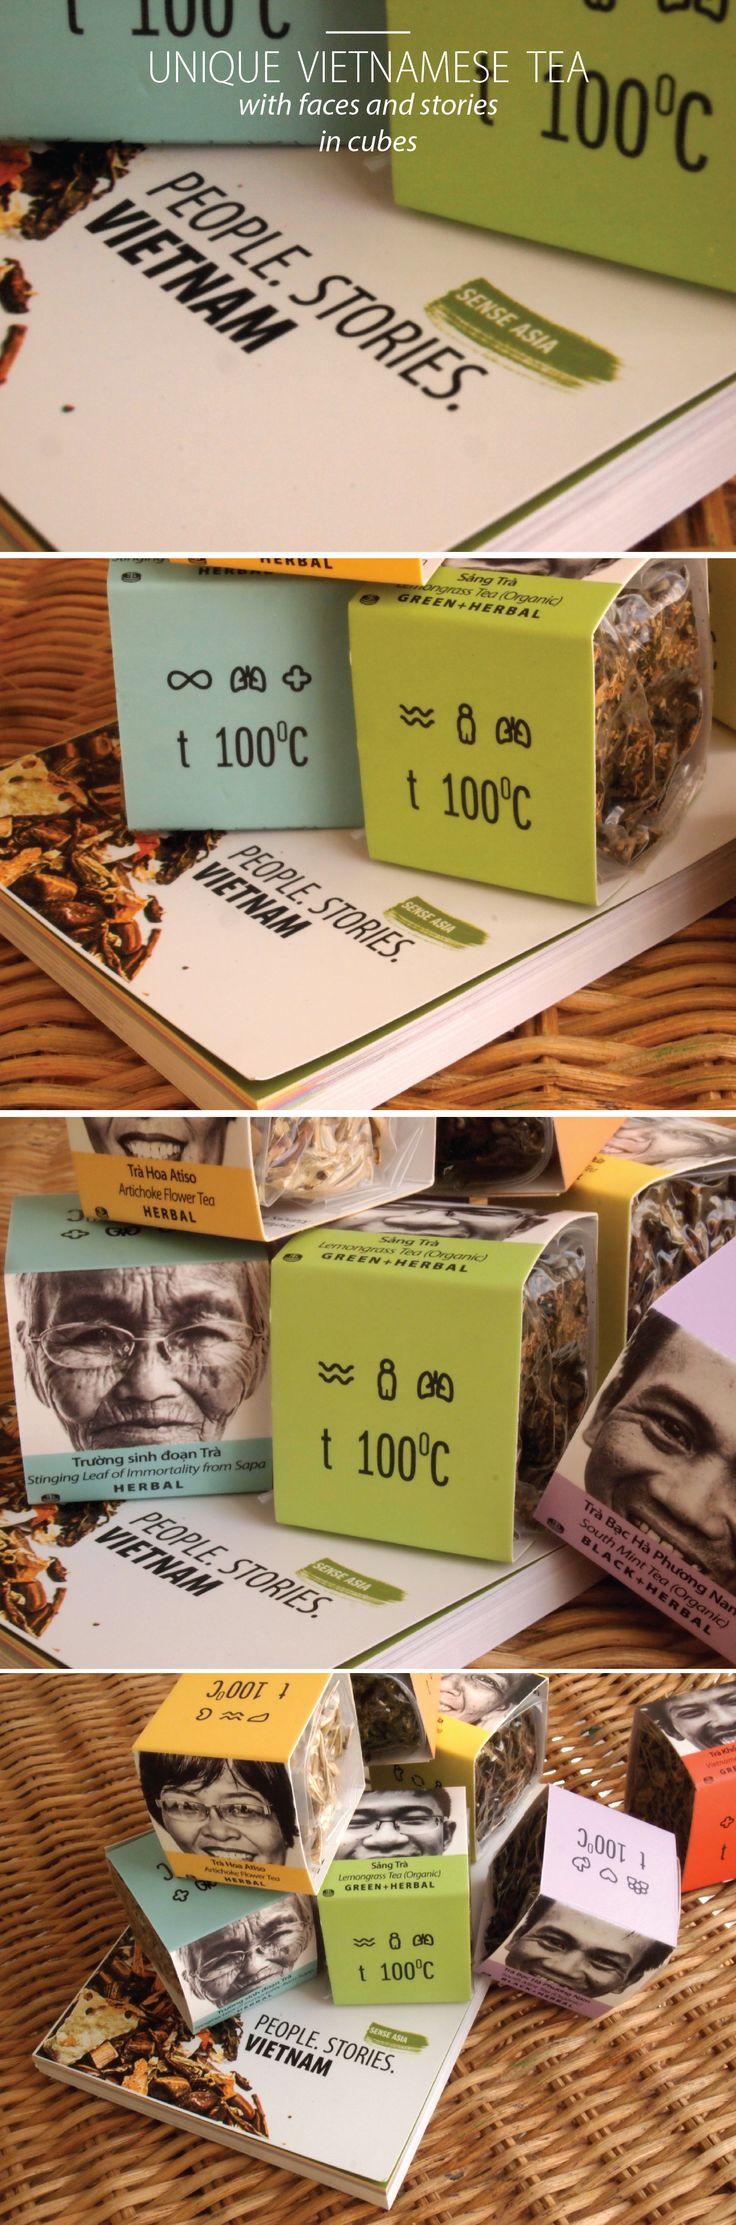 Sense Asia Tea http://senseasia.net/ Unique Vietnamese Teas with faces &…